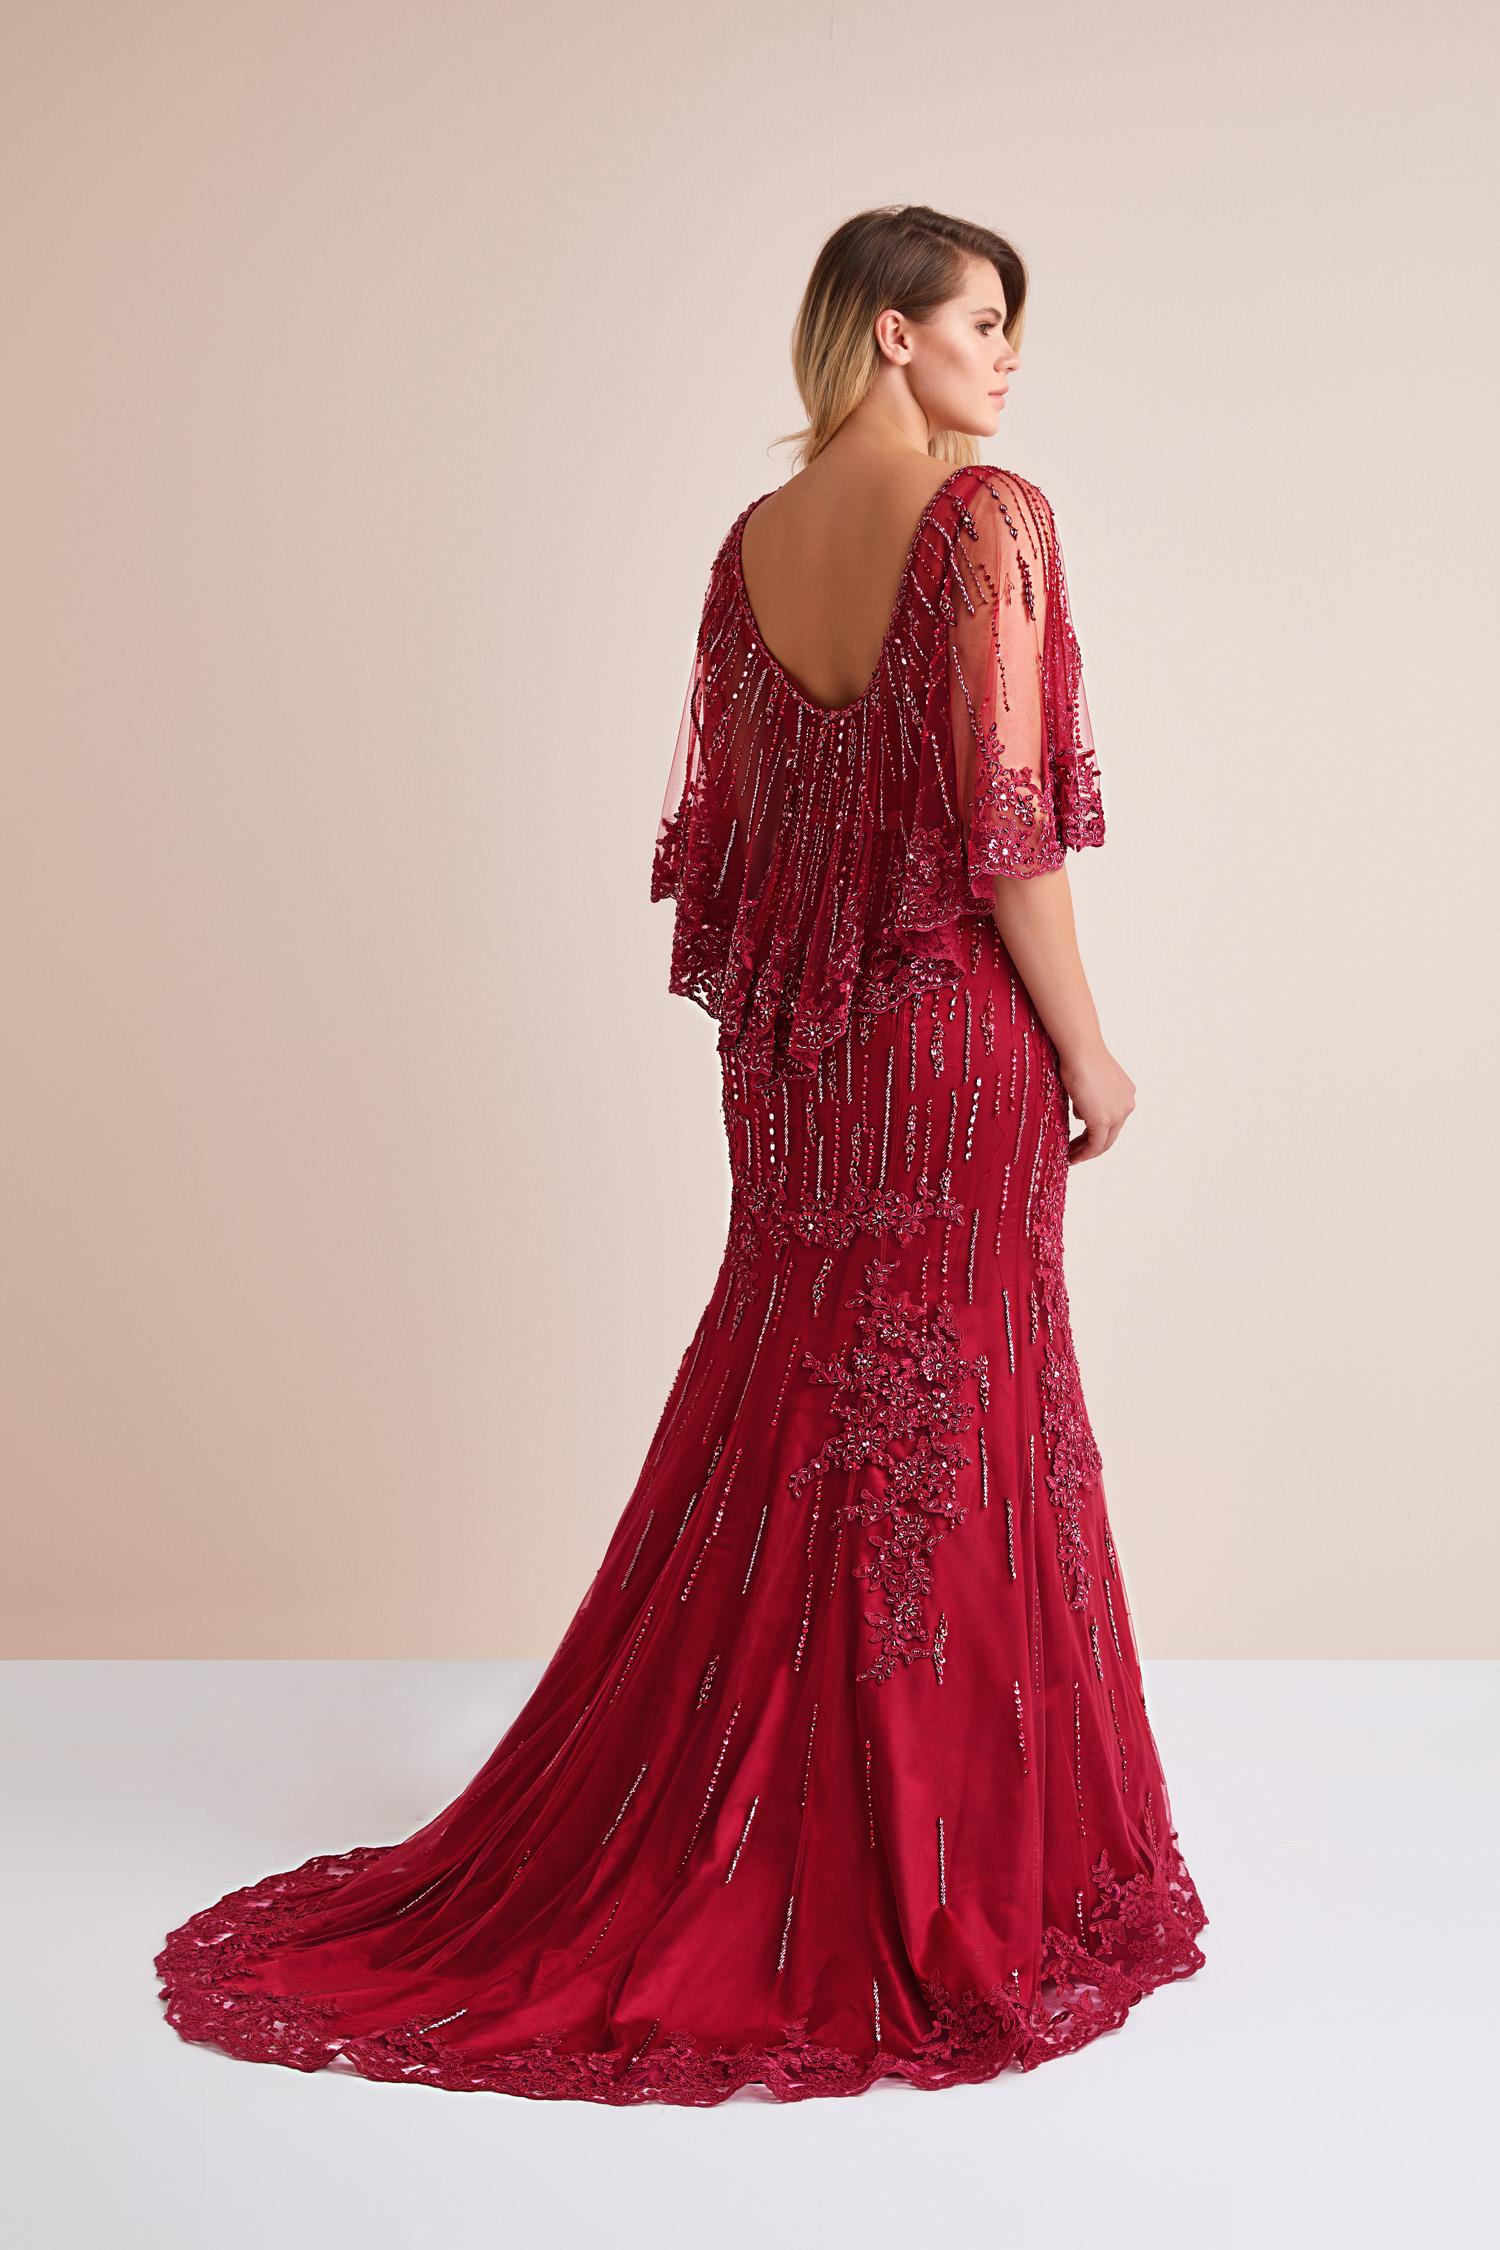 Şarap Kırmızısı Payet İşlemeli Uzun Büyük Beden Abiye Elbise - Thumbnail